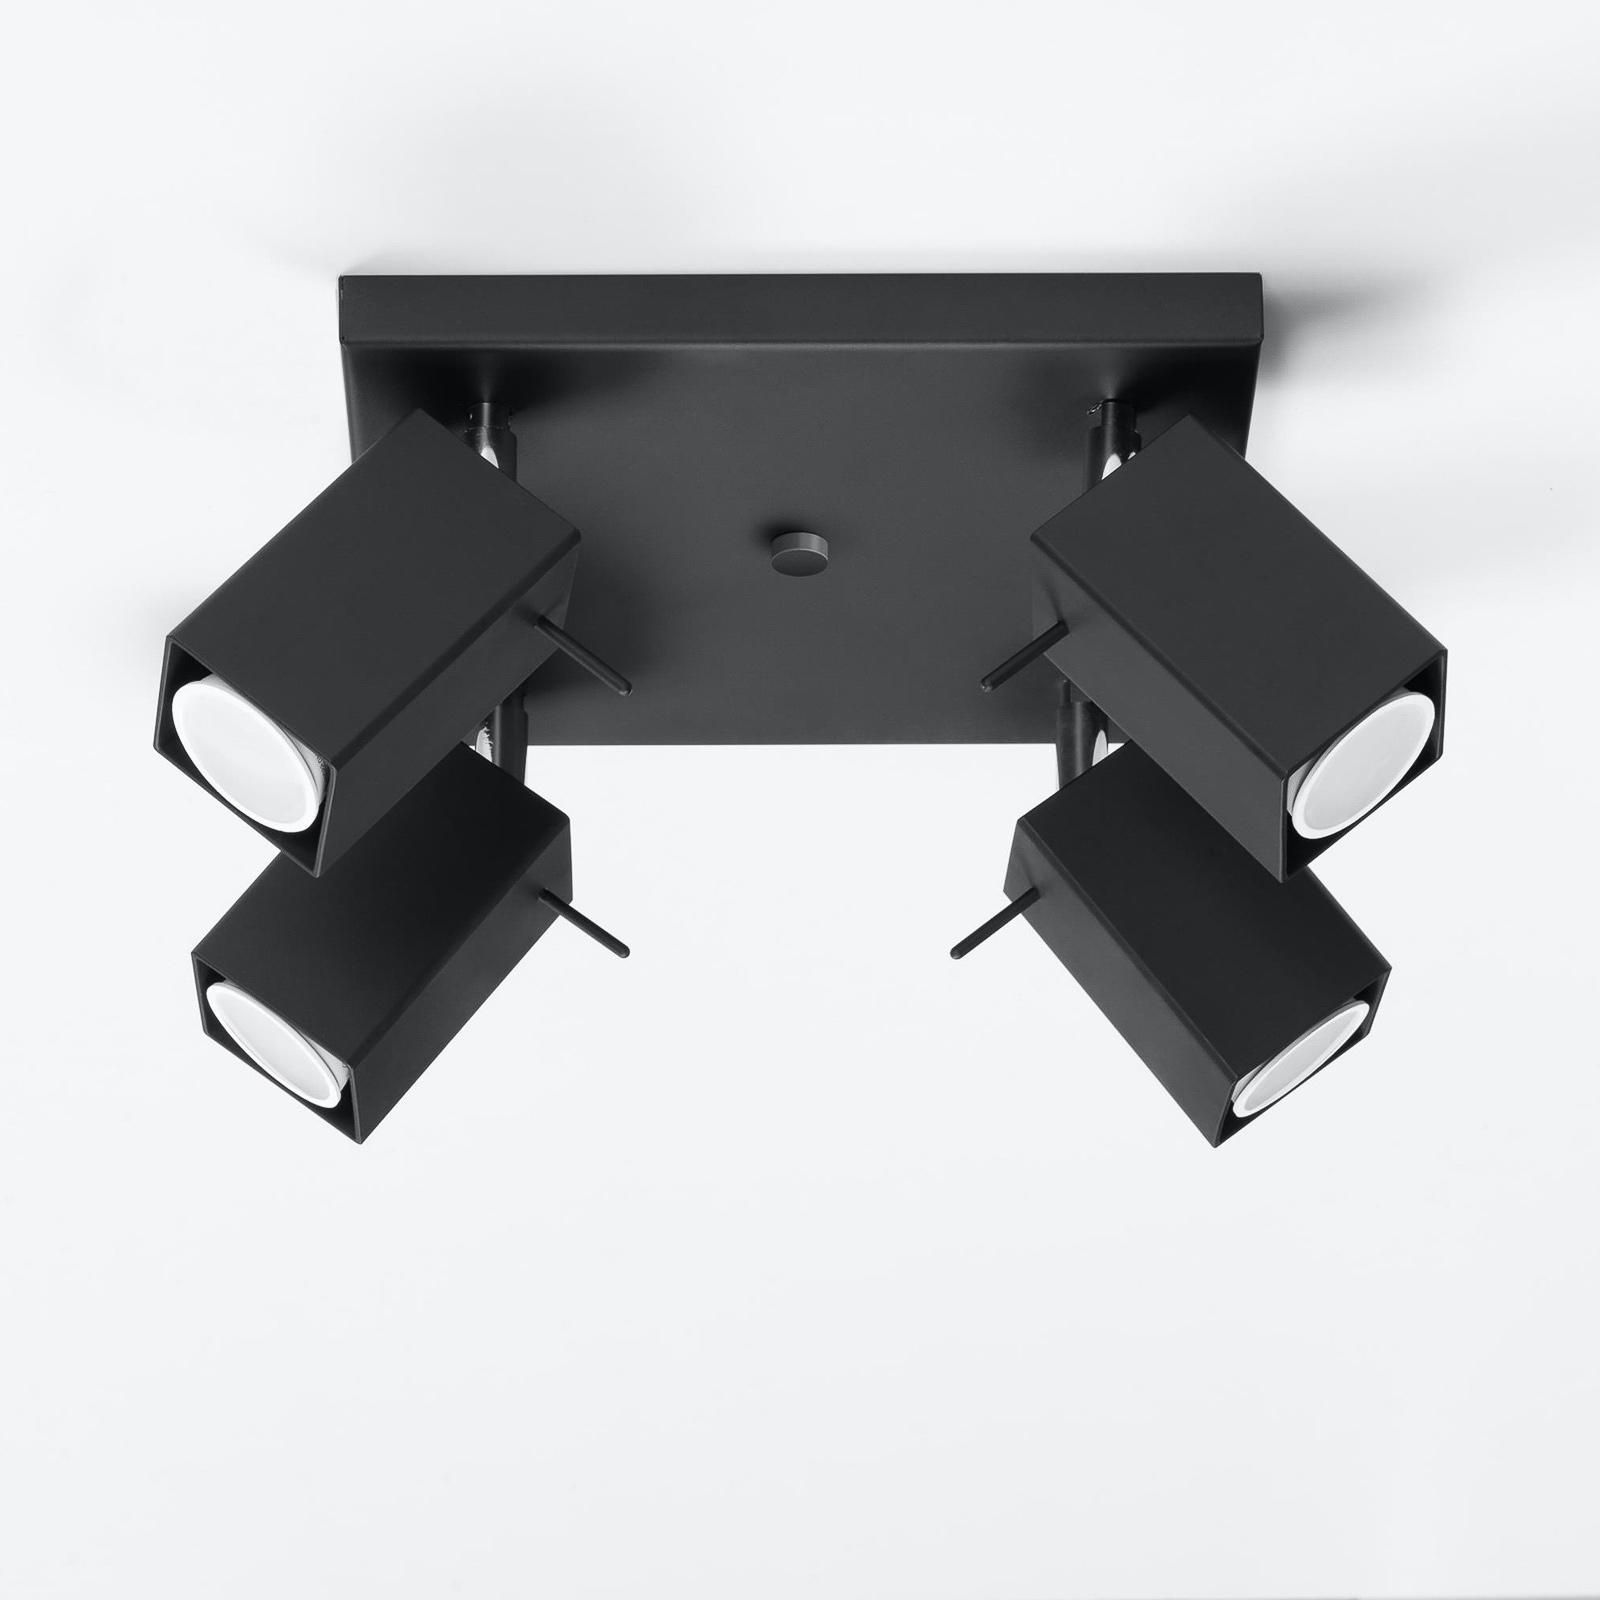 Deckenstrahler Square, schwarz vierflammig Quadrat